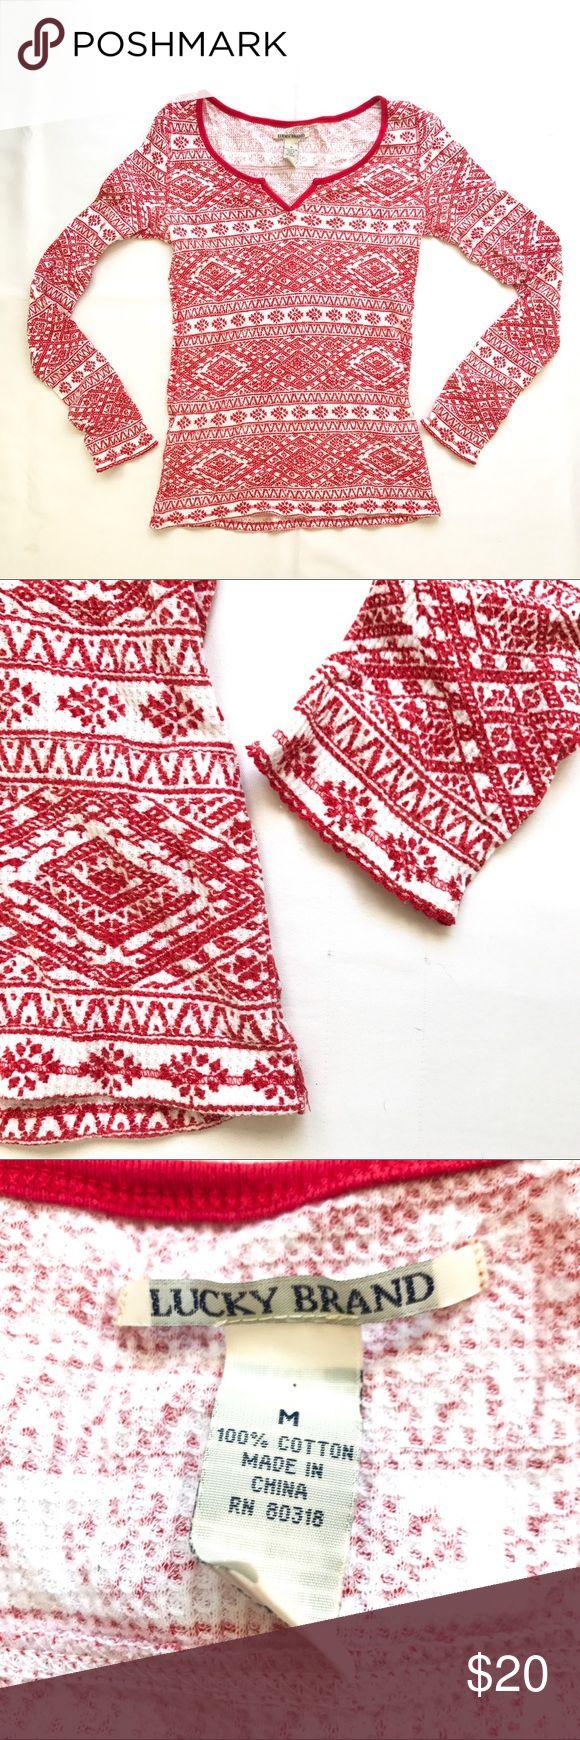 Lucky Brand top Lucky Brand Aztec print long sleeve top Lucky Brand Tops Tees - Long Sleeve